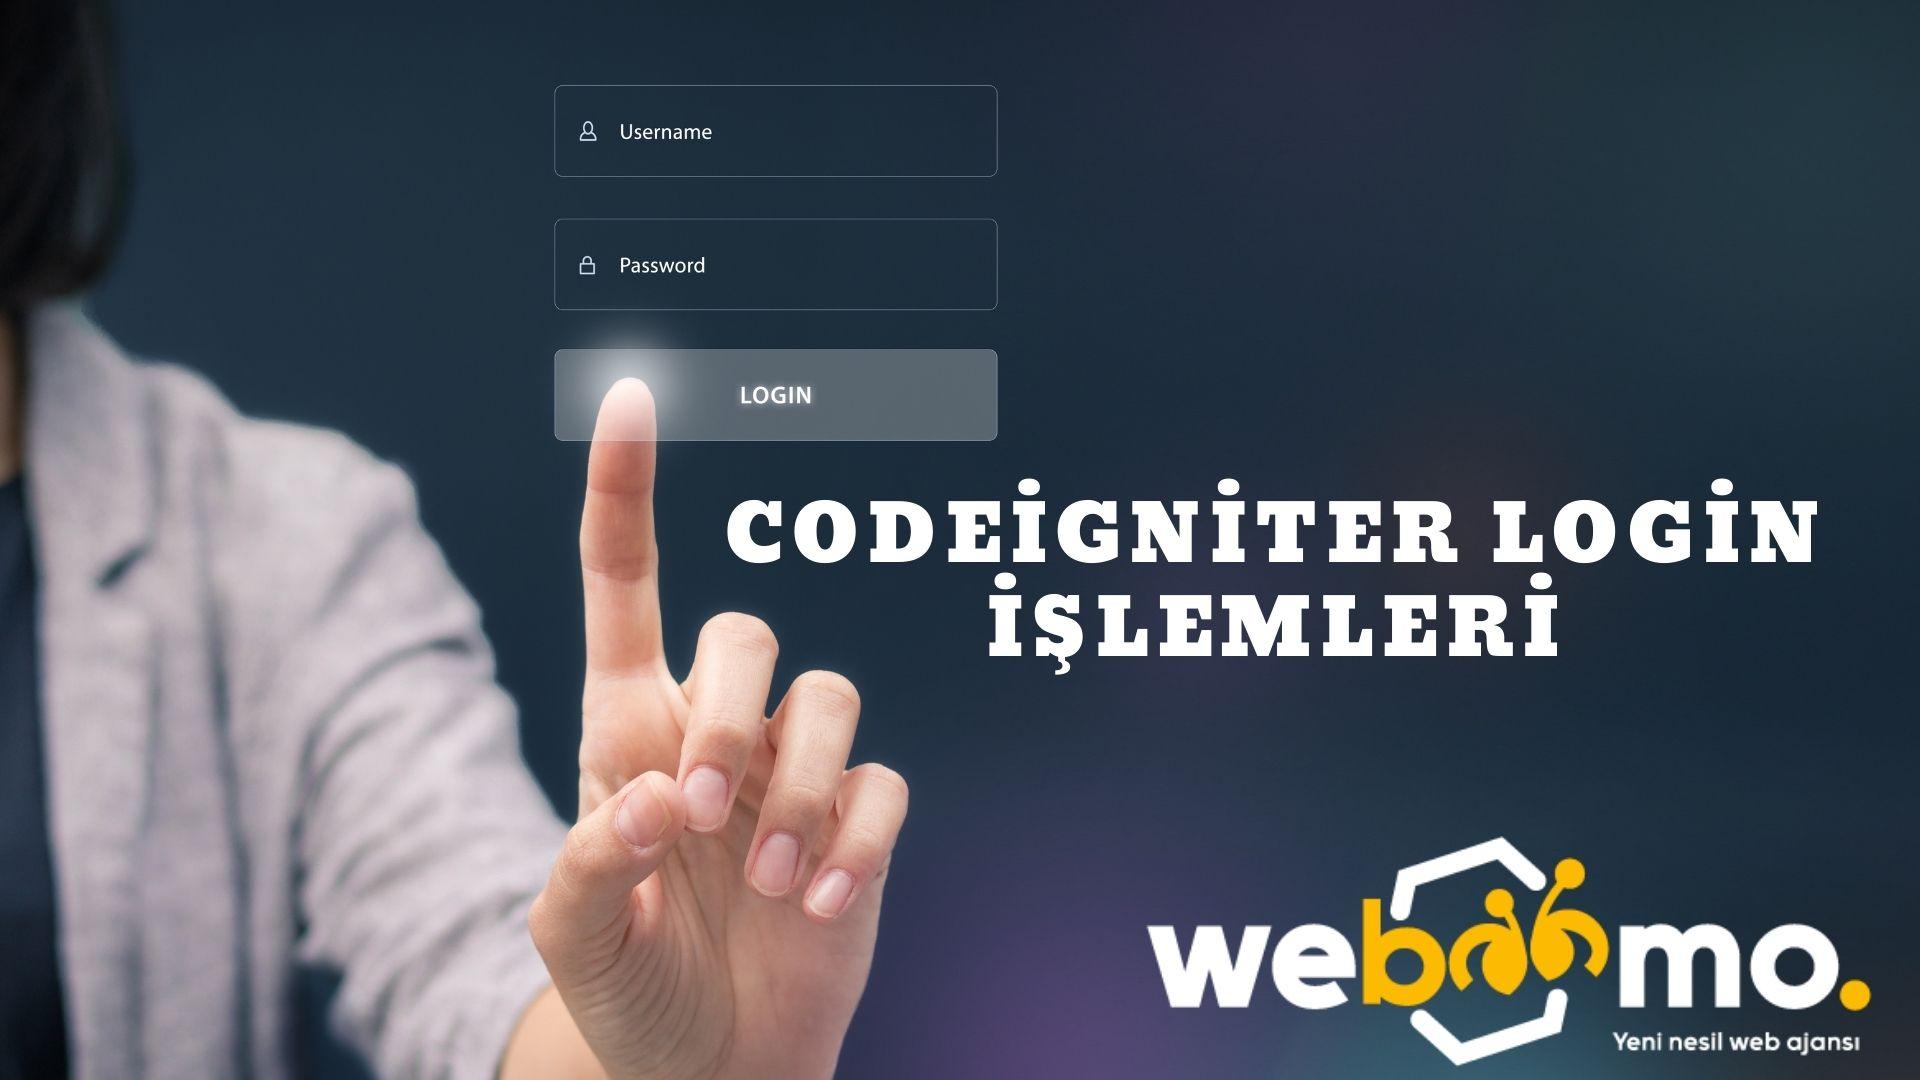 Codeigniter Login İşlemleri